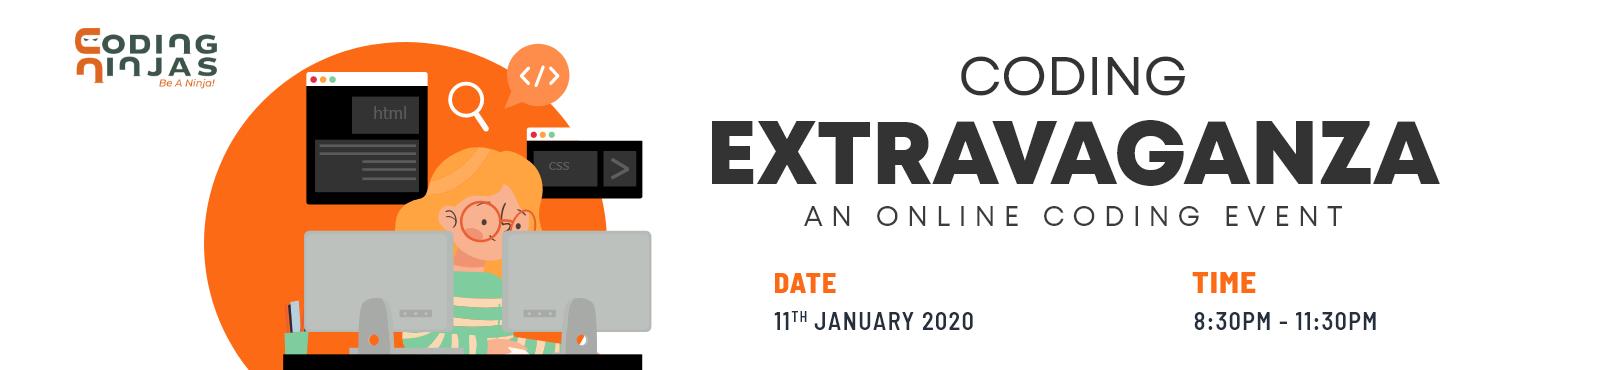 Coding Extravangaza